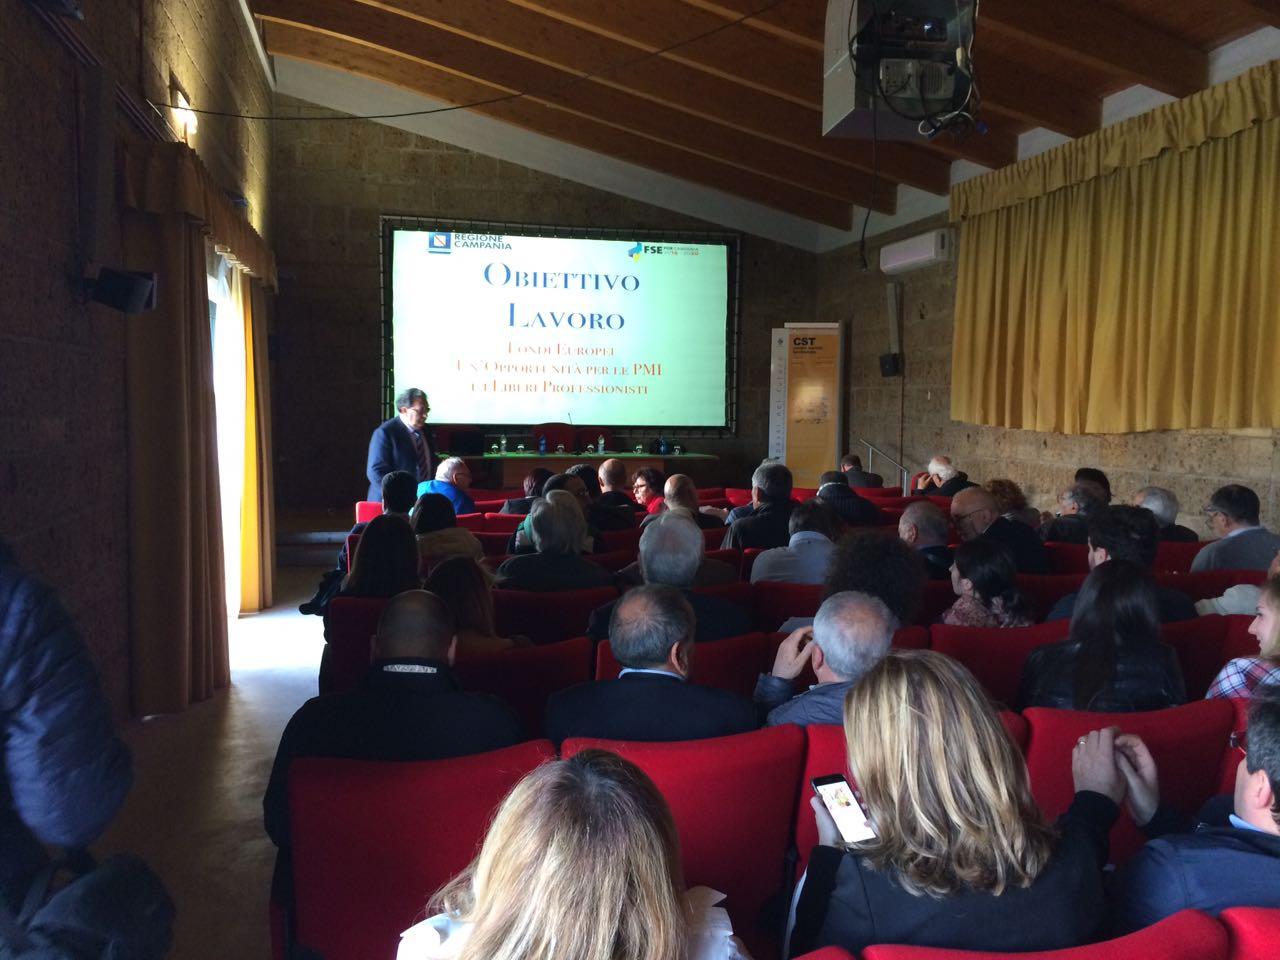 Benevento| La Regione punta su Pmi e liberi professionisti